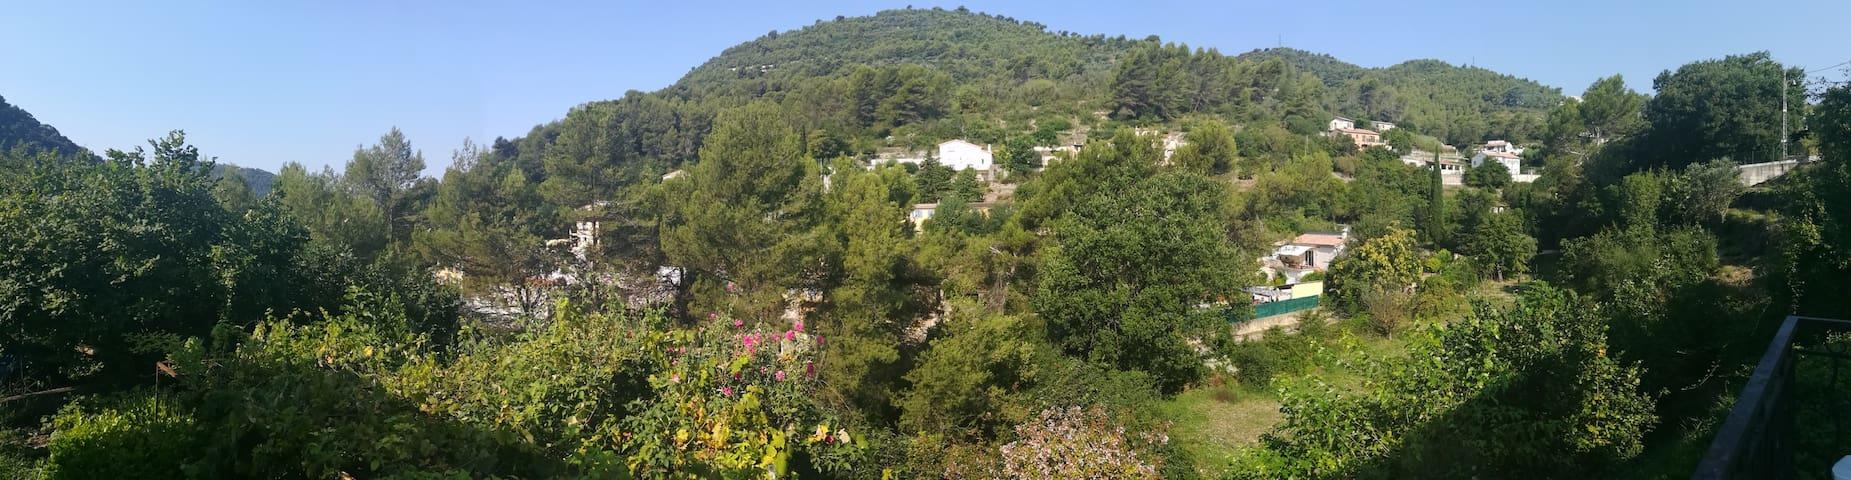 Maison Individuelle prés de Nice